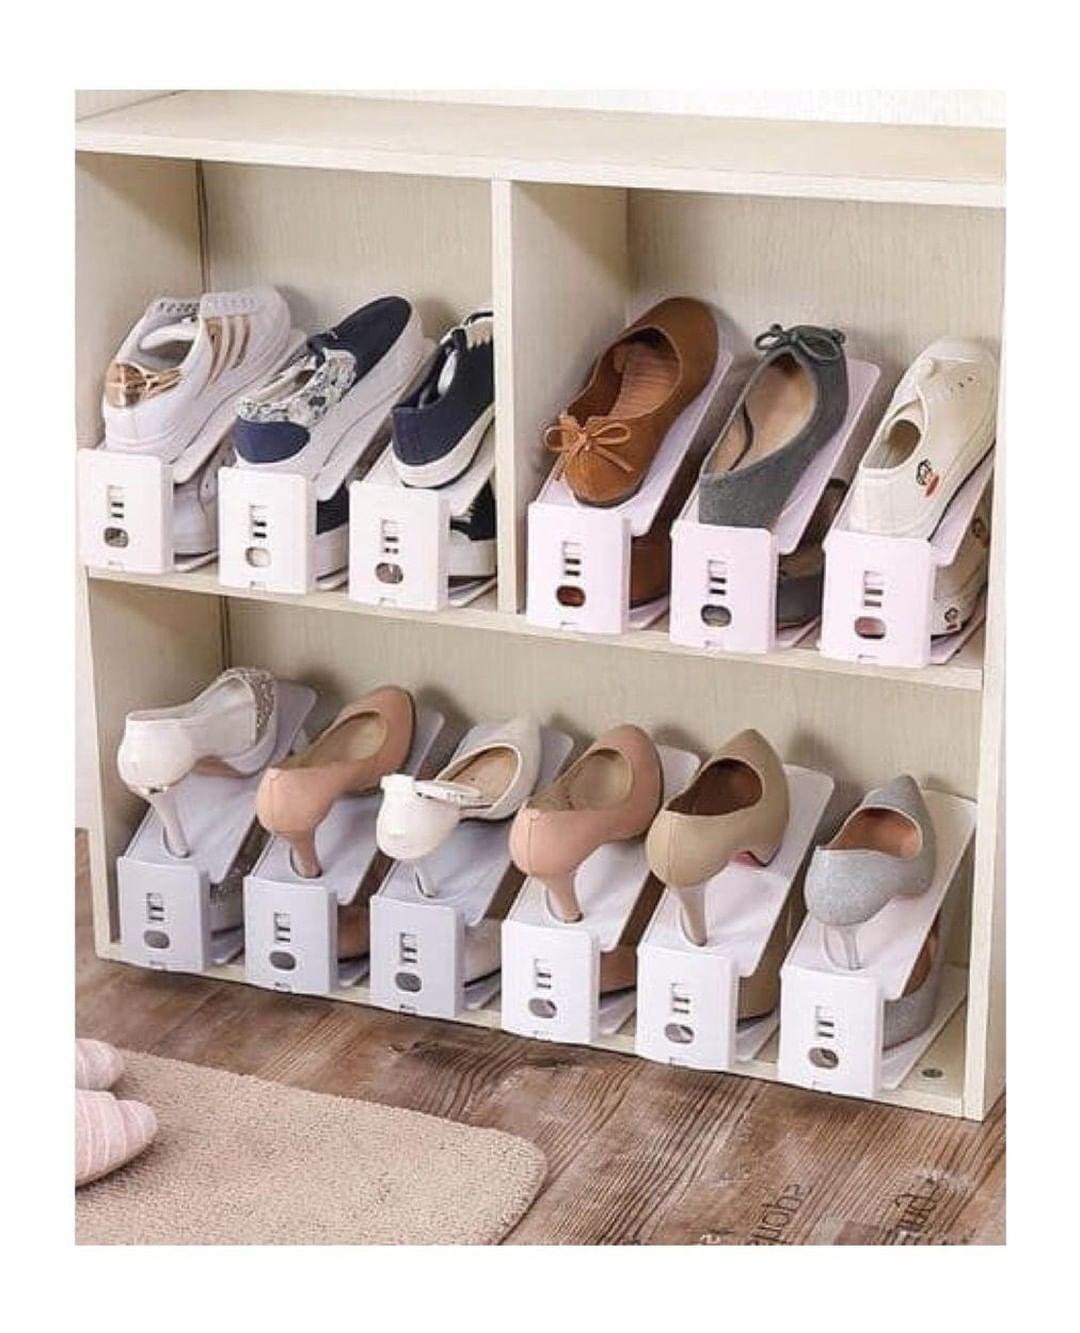 Ordena Tus Zapatos Organizador De Zapatos Como Organizar Zapatos Organizacion Zapatos